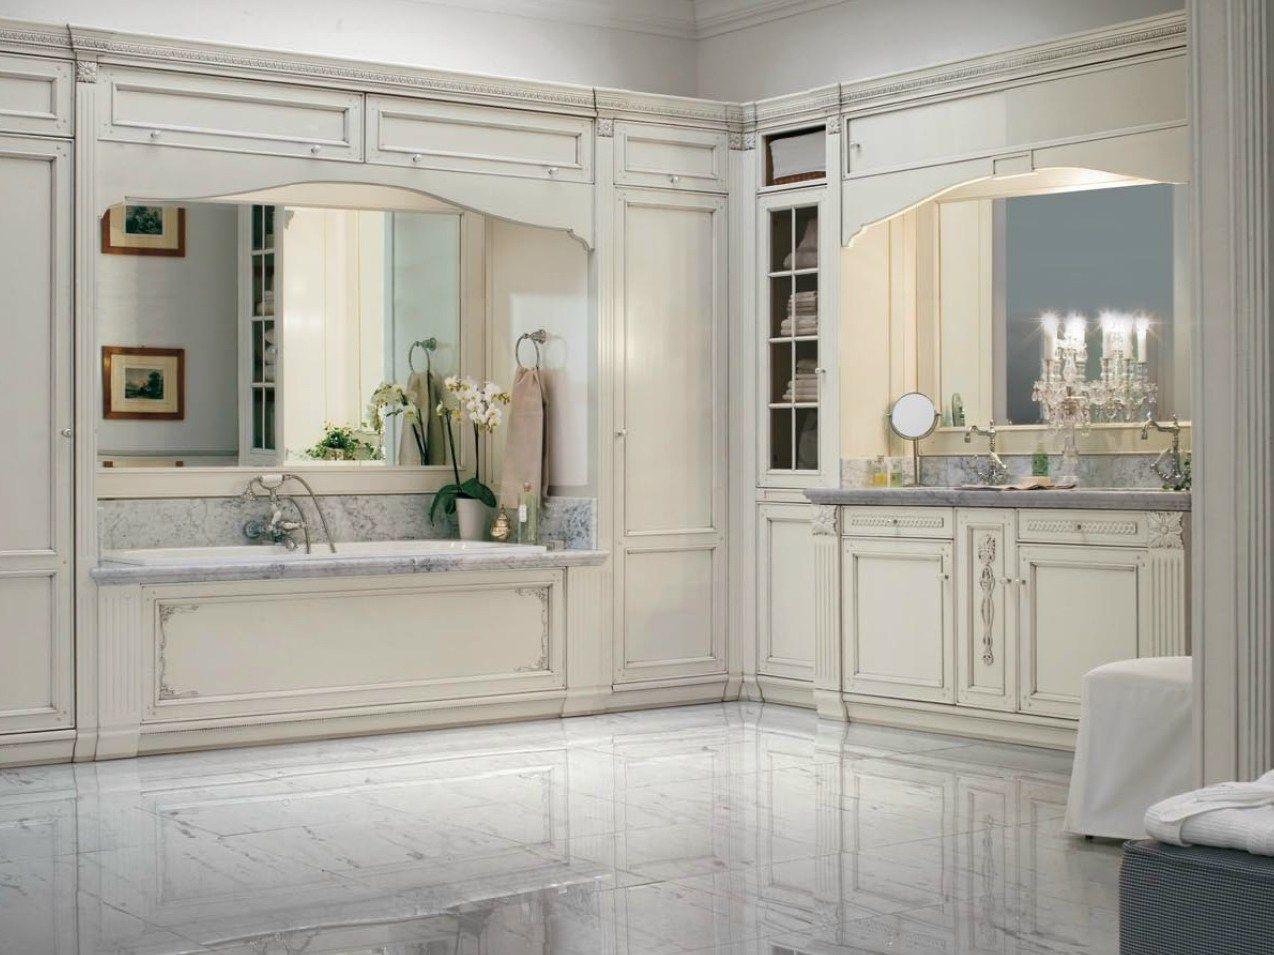 arredo bagno completo stile classico | archiproducts - Arredo Bagno Stile Classico